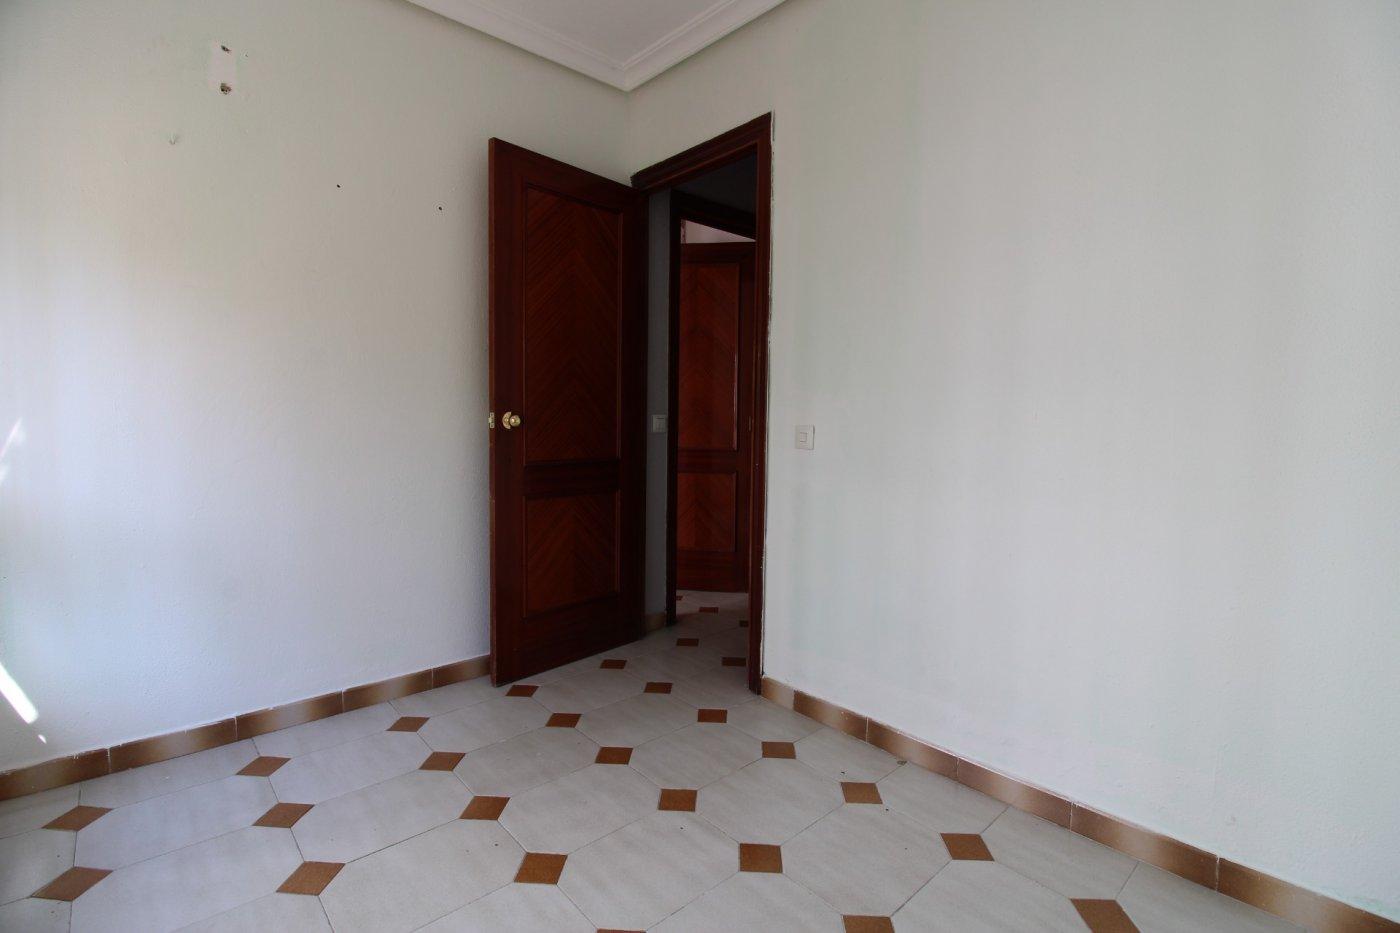 Piso a la venta en sevilla zona carretera carmona - imagenInmueble11